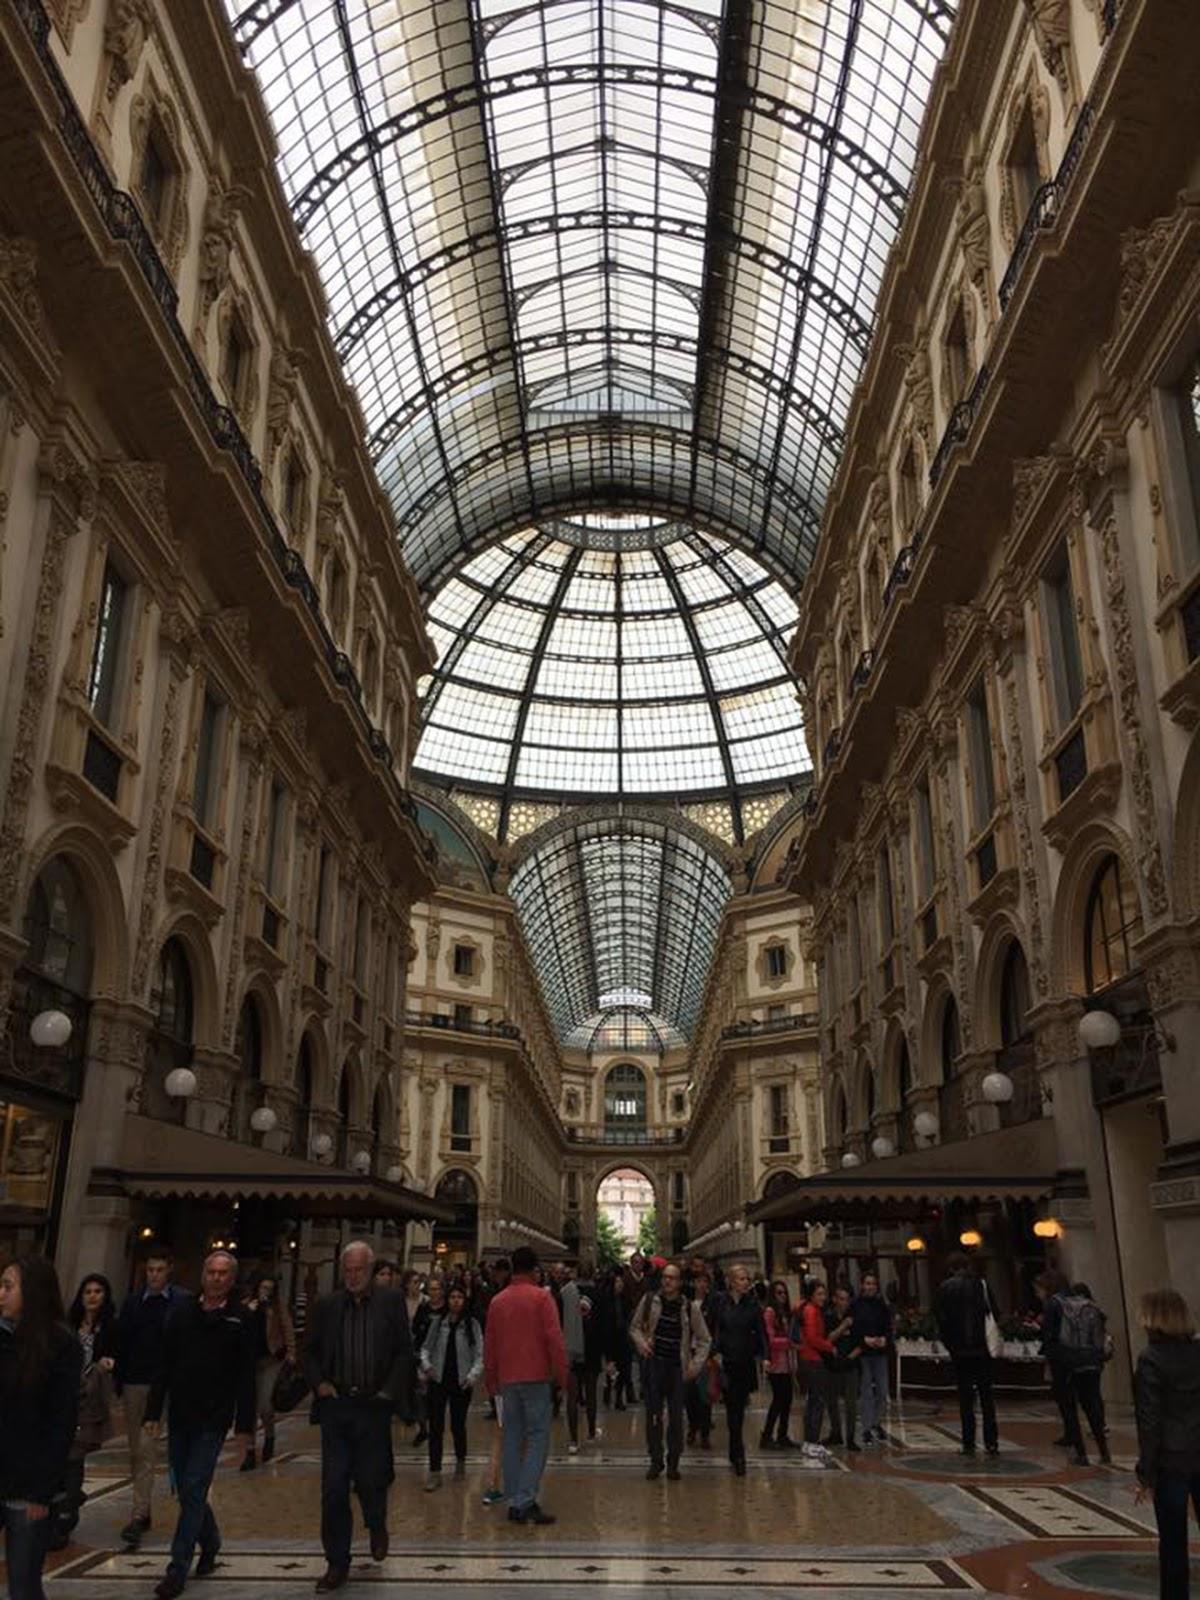 galleria vitorrio emanuele, milan shopping, shopping in milan, luxury shopping, designer shops in milan, things to see in Milan, things to do in Milan